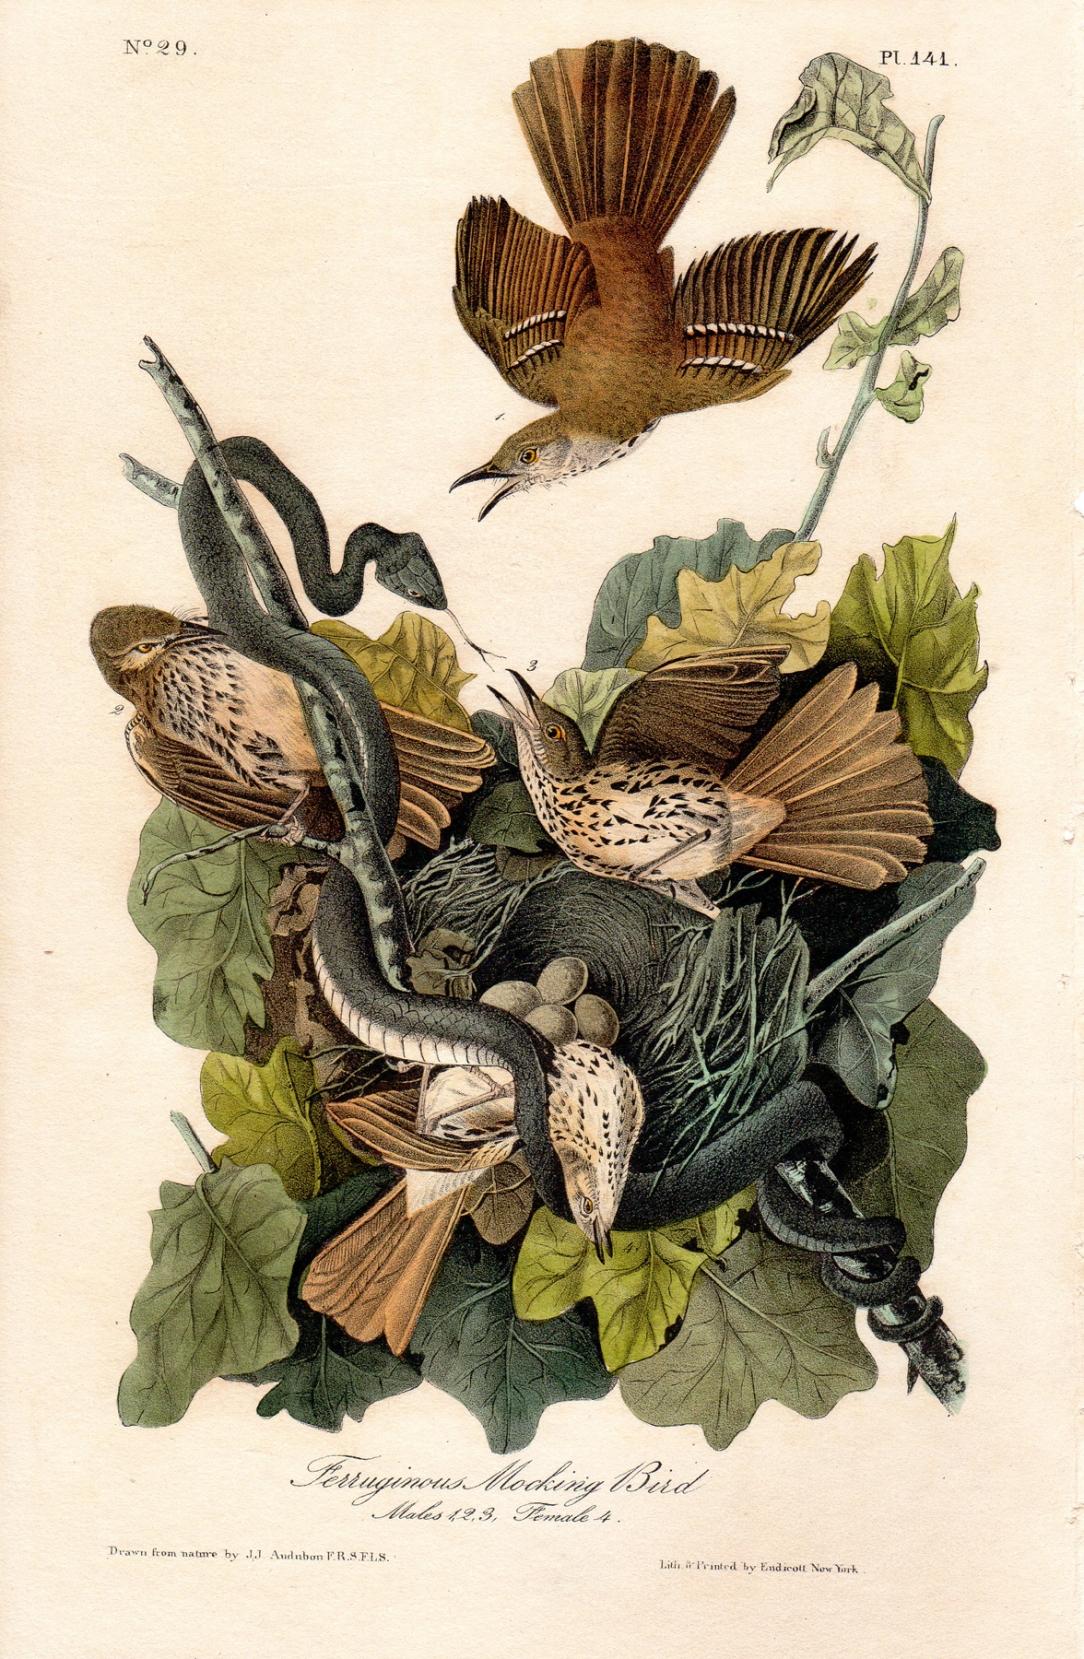 Audubon - Ferruginous mocking bird